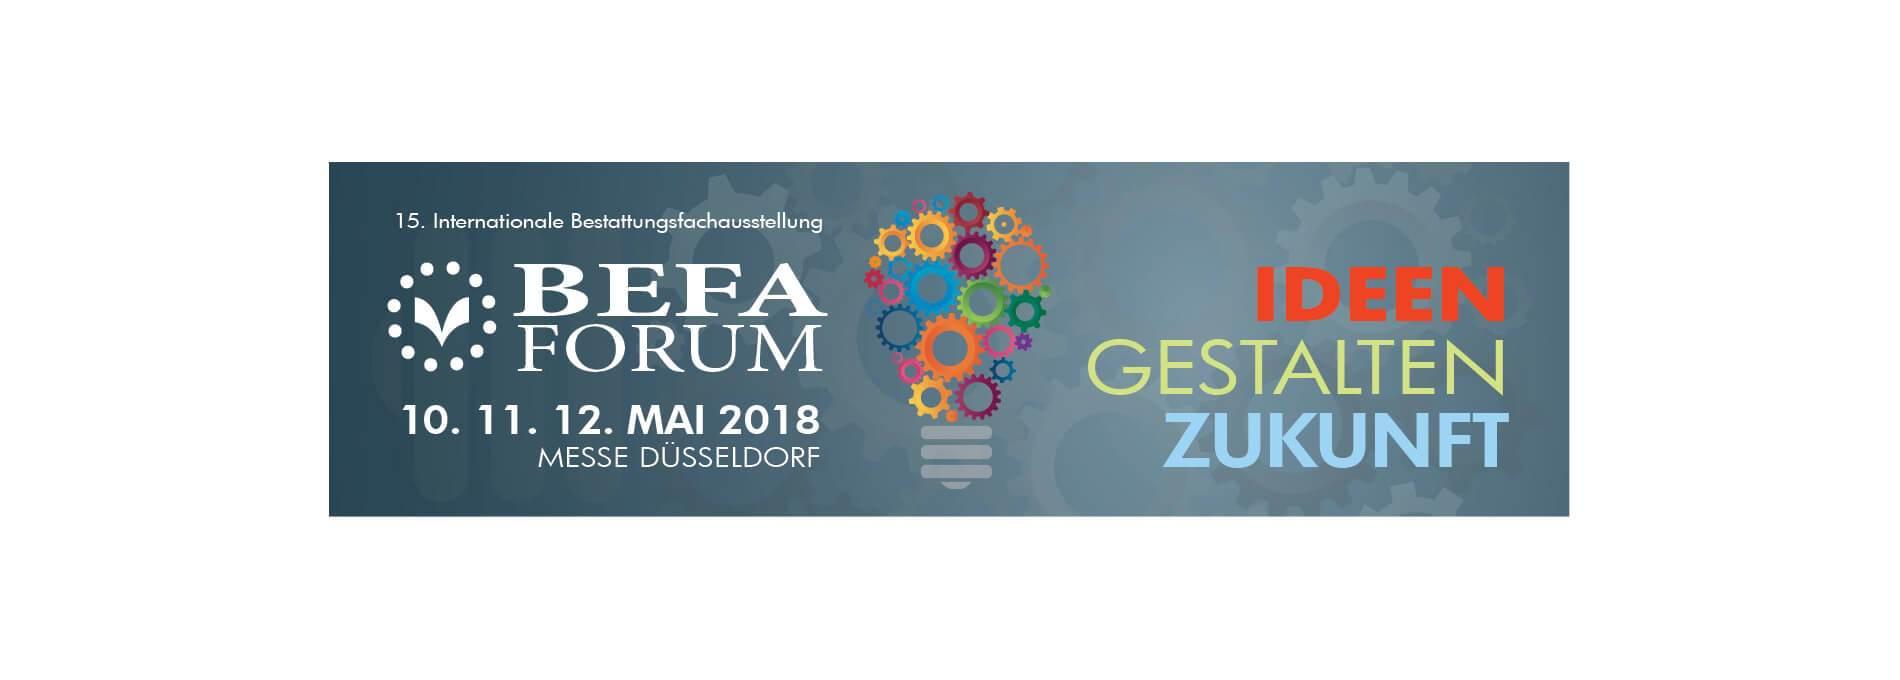 Logo der 15. Internationalen Bestattungsfachausstellung BEFA FORUM 2018